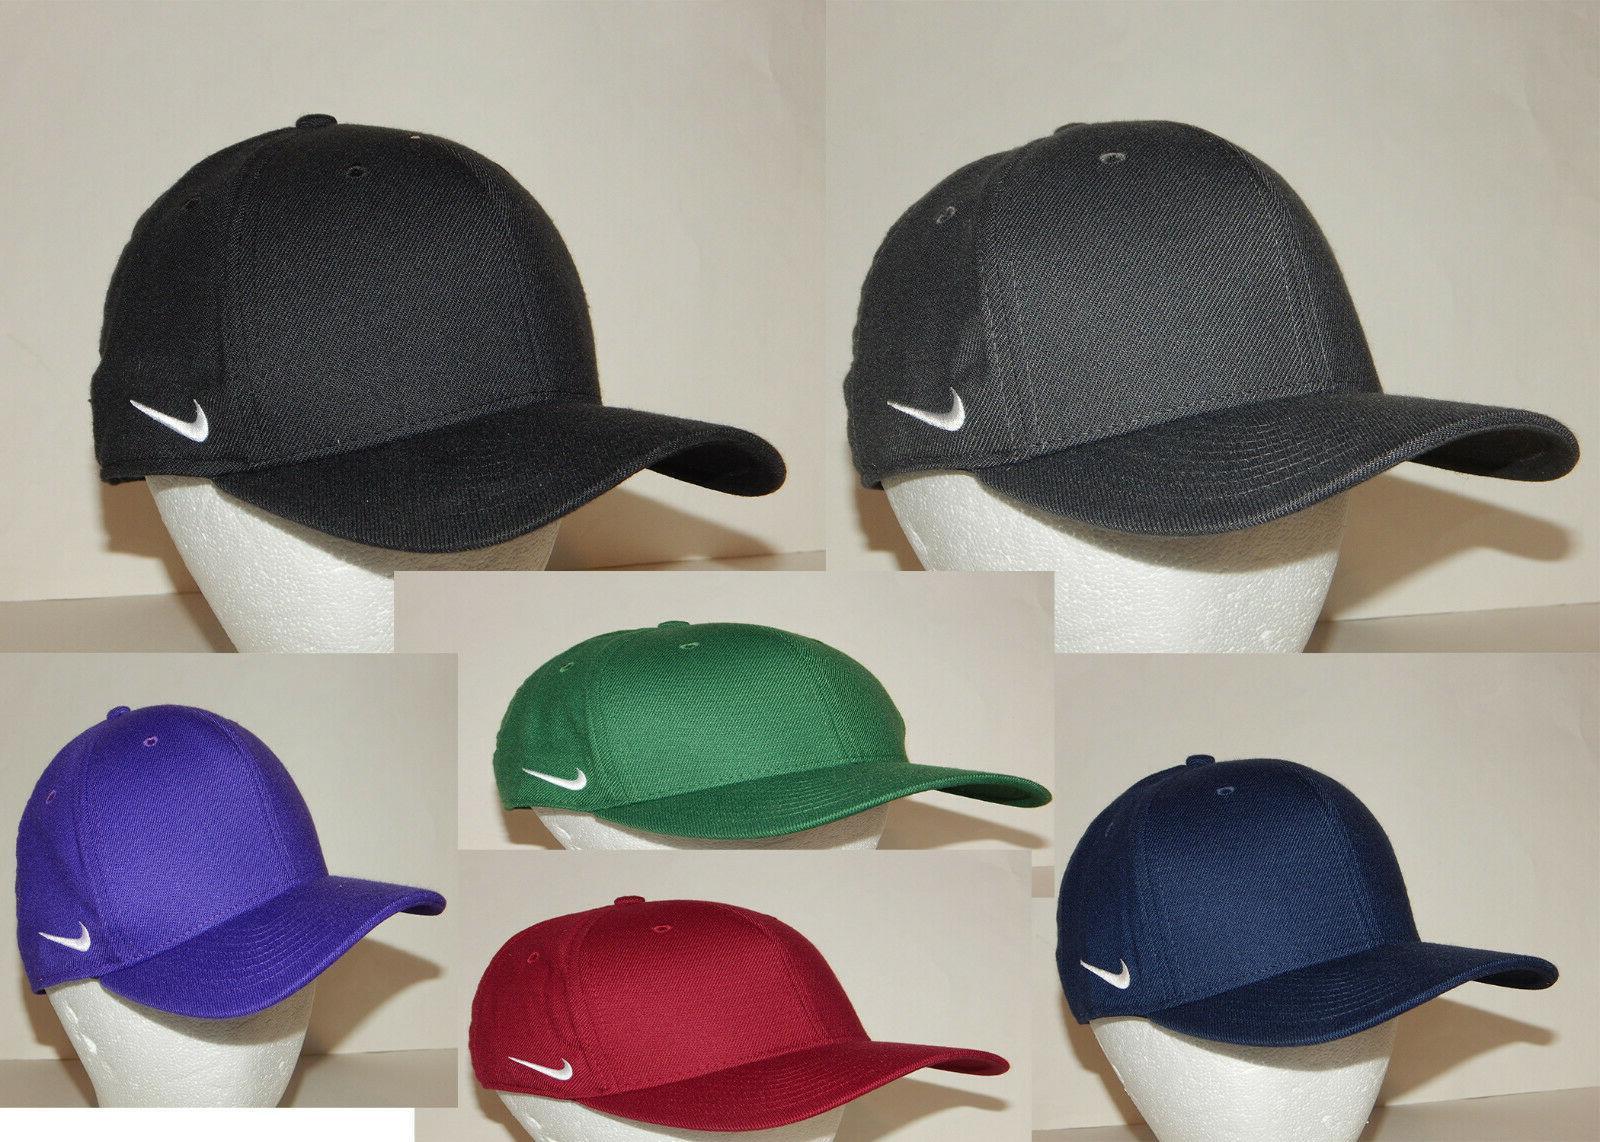 unisex classic99 cap hat 6 colors dri